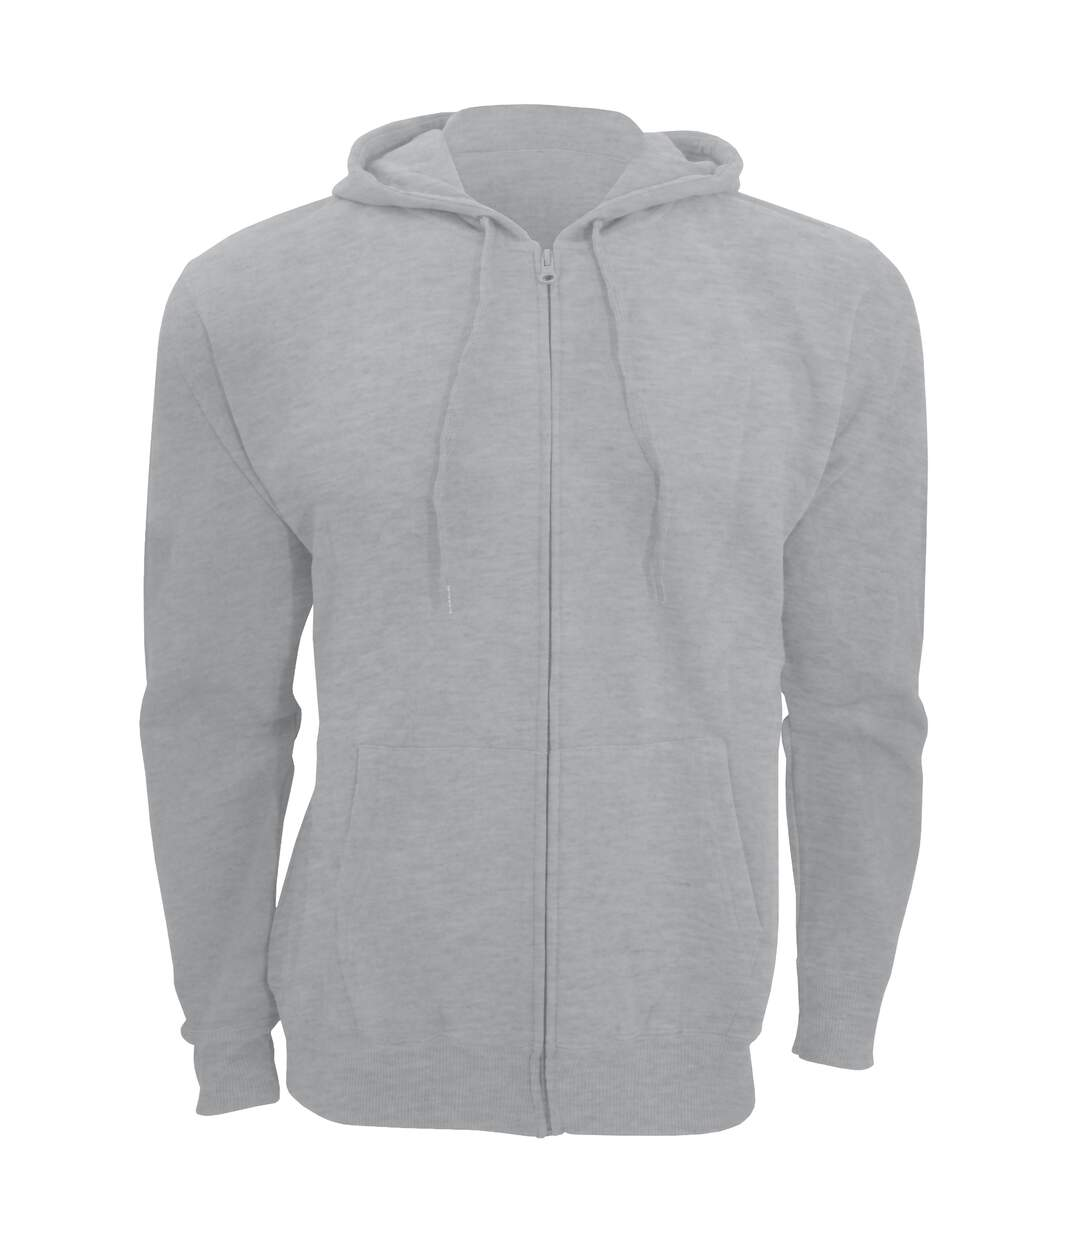 SOLS Mens Seven Full Zip Hooded Sweatshirt / Hoodie (Grey Marl) - UTPC340